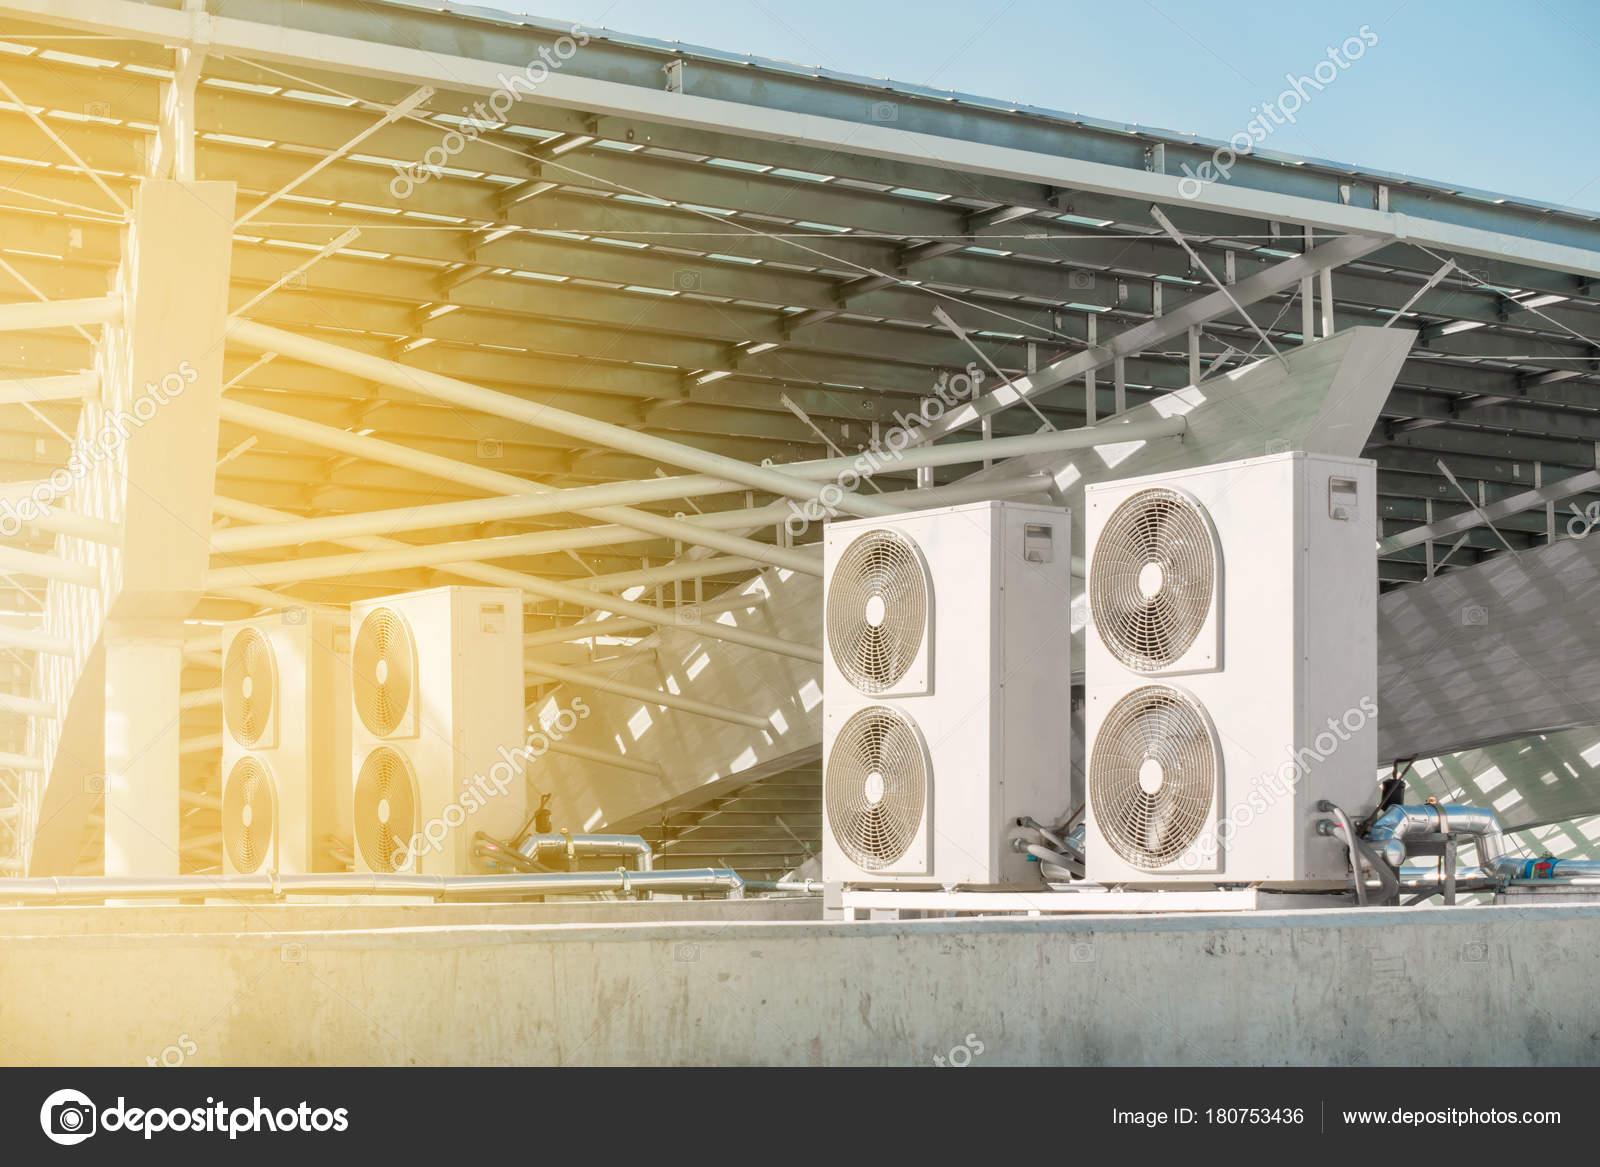 建物、空調設備外エアコン圧縮機のインストール \u2014 [著者]の写真 K.D.P